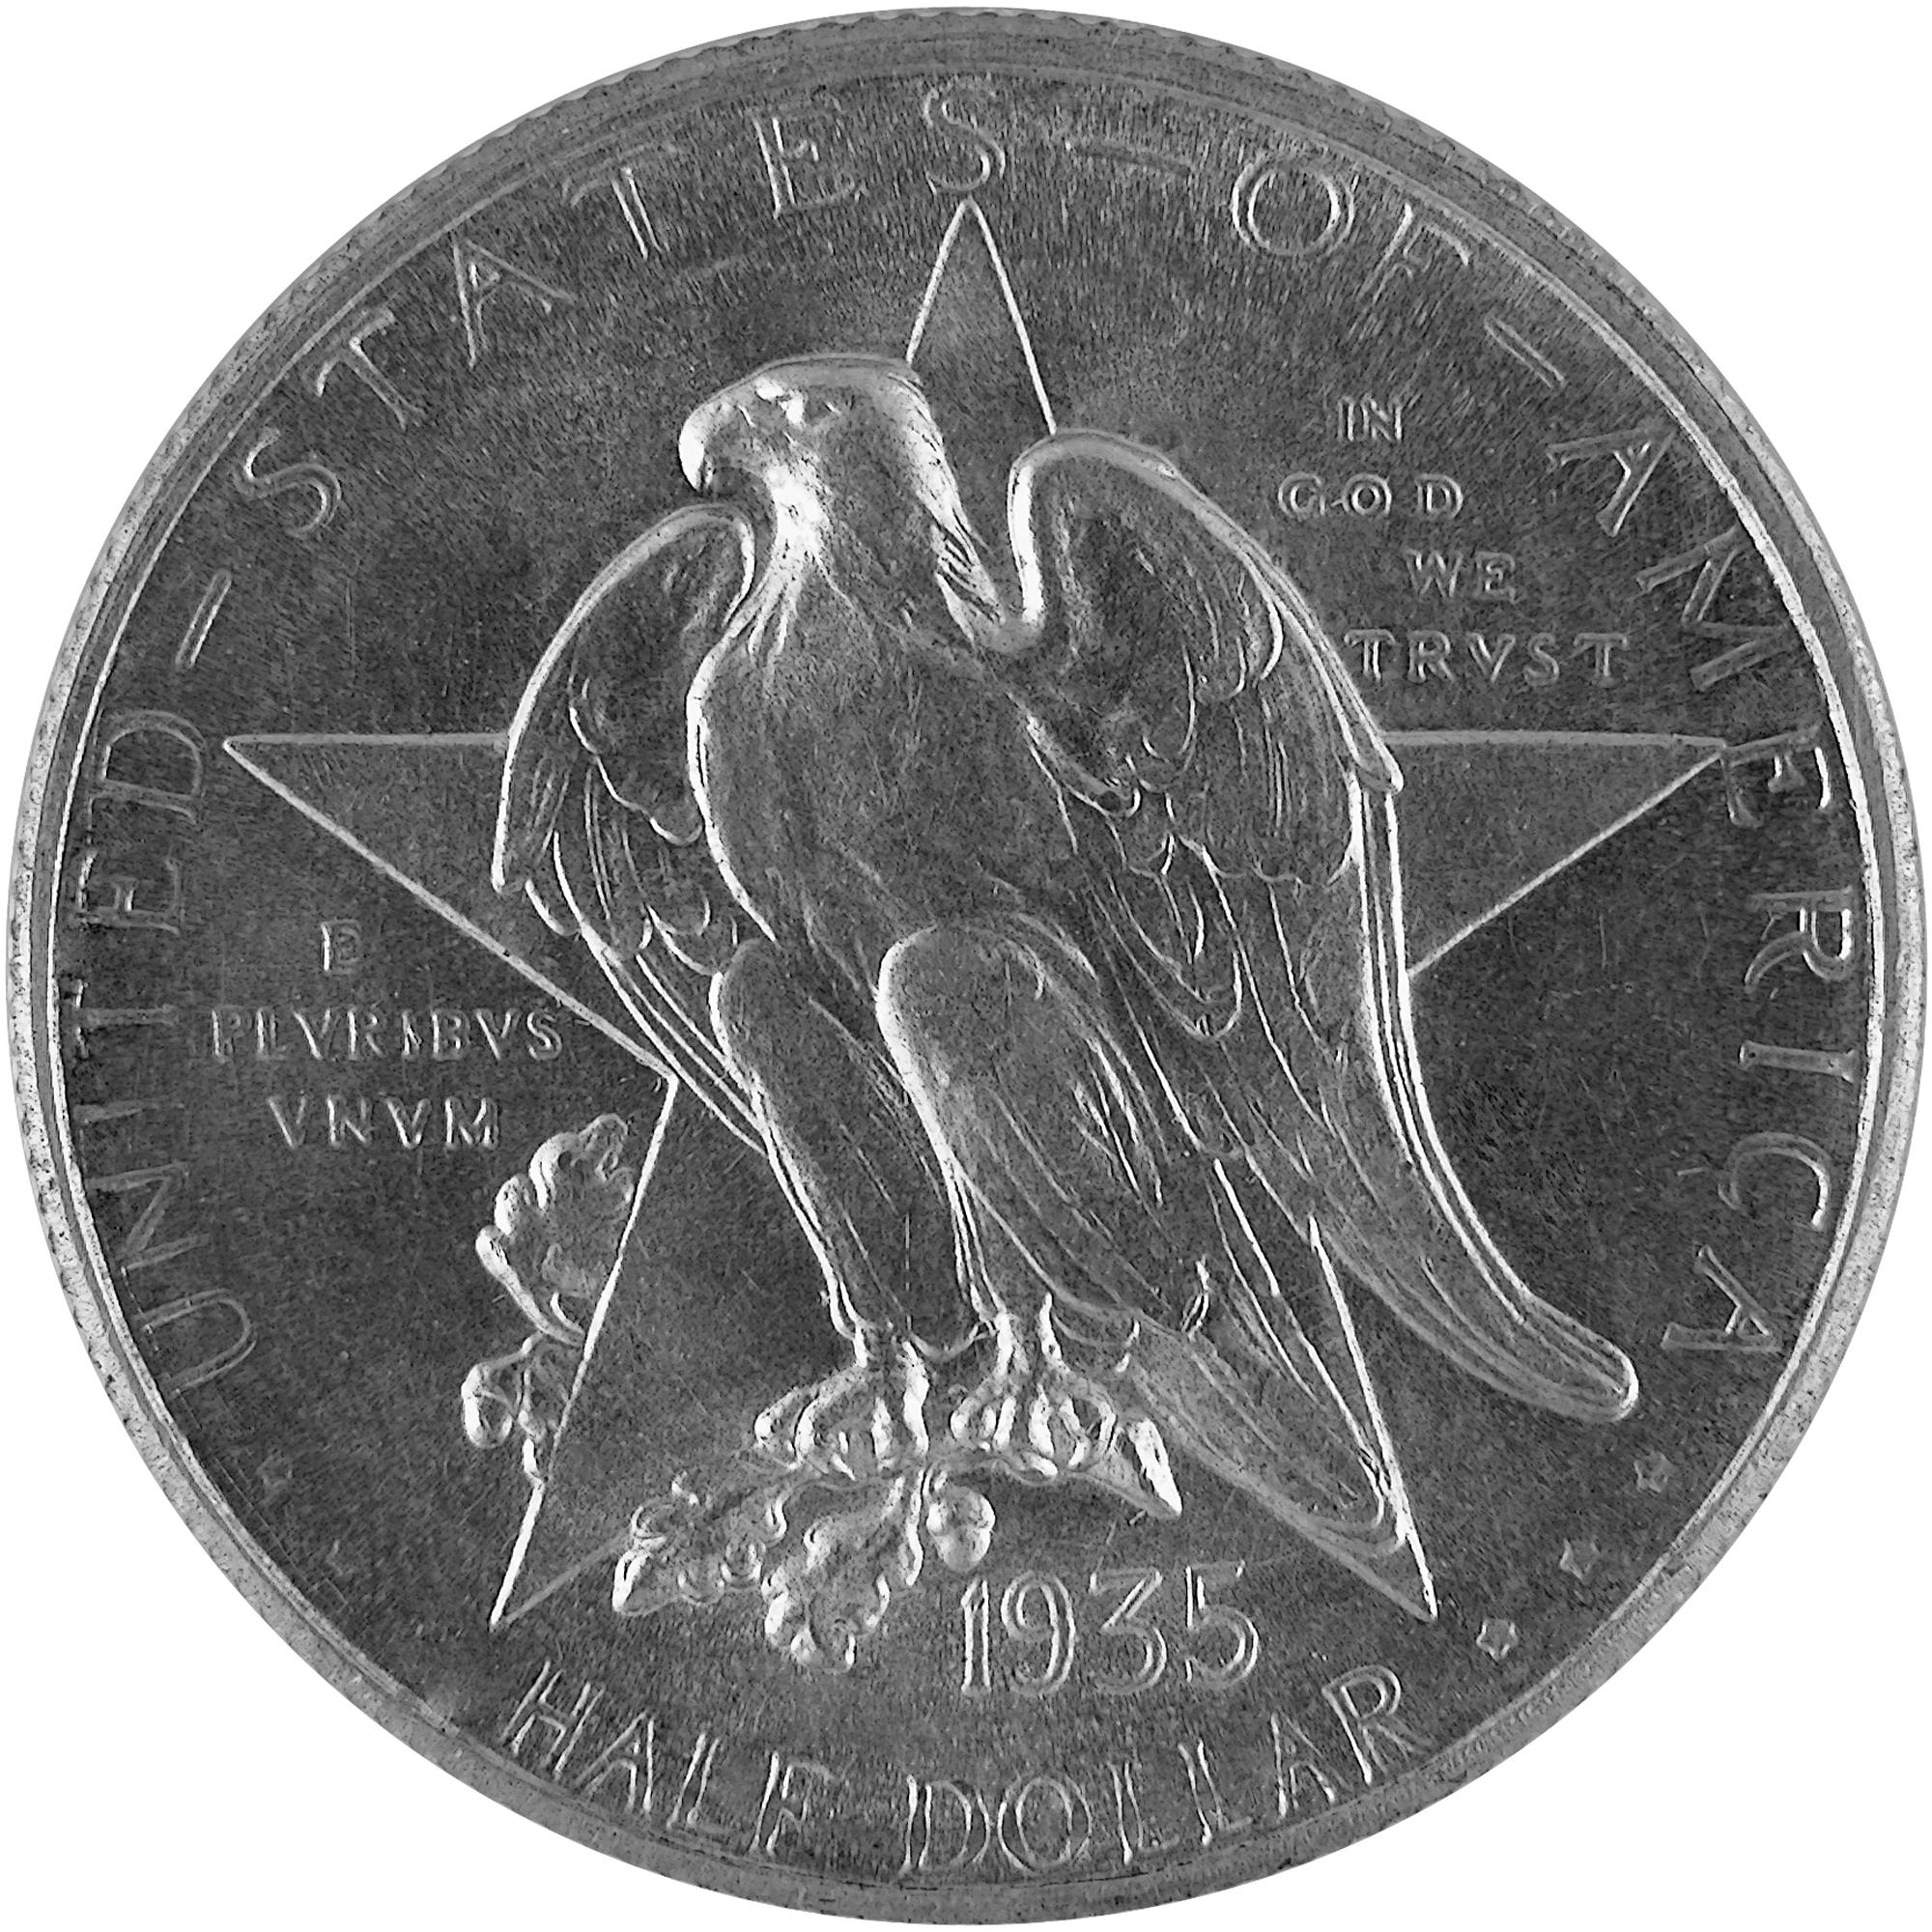 1935 Texas Centennial Commemorative Silver Half Dollar Coin Obverse